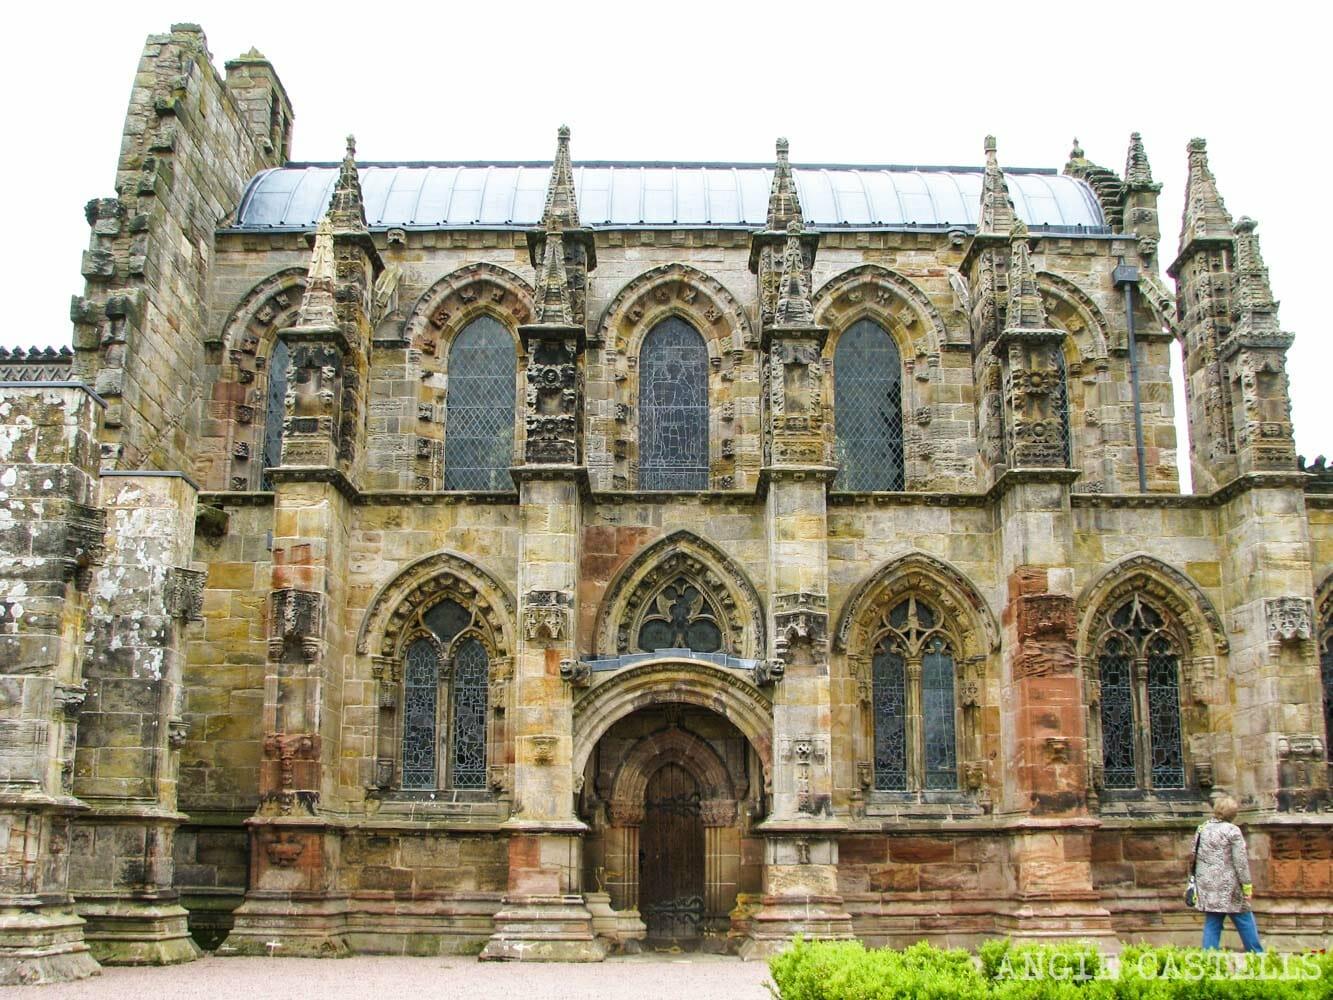 Visitar la capilla de Rosslyn desde Edimburgo - Como llegar y excursion al Roslin Glen